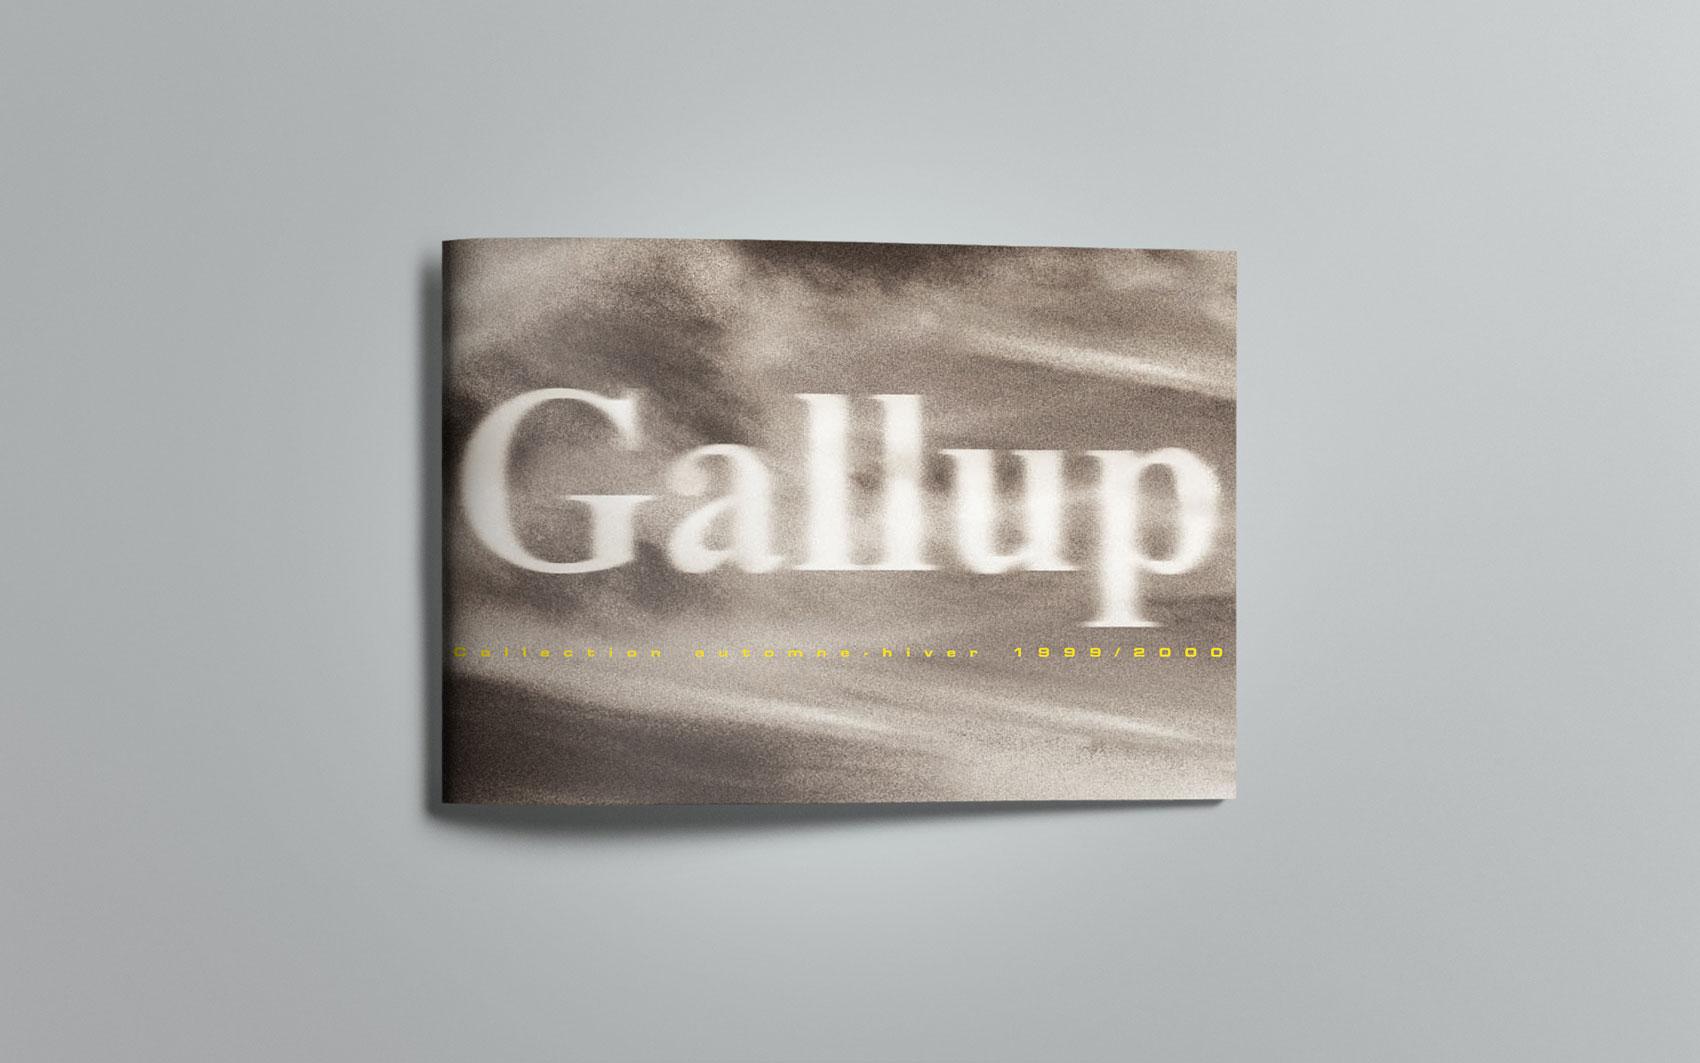 gallup-4